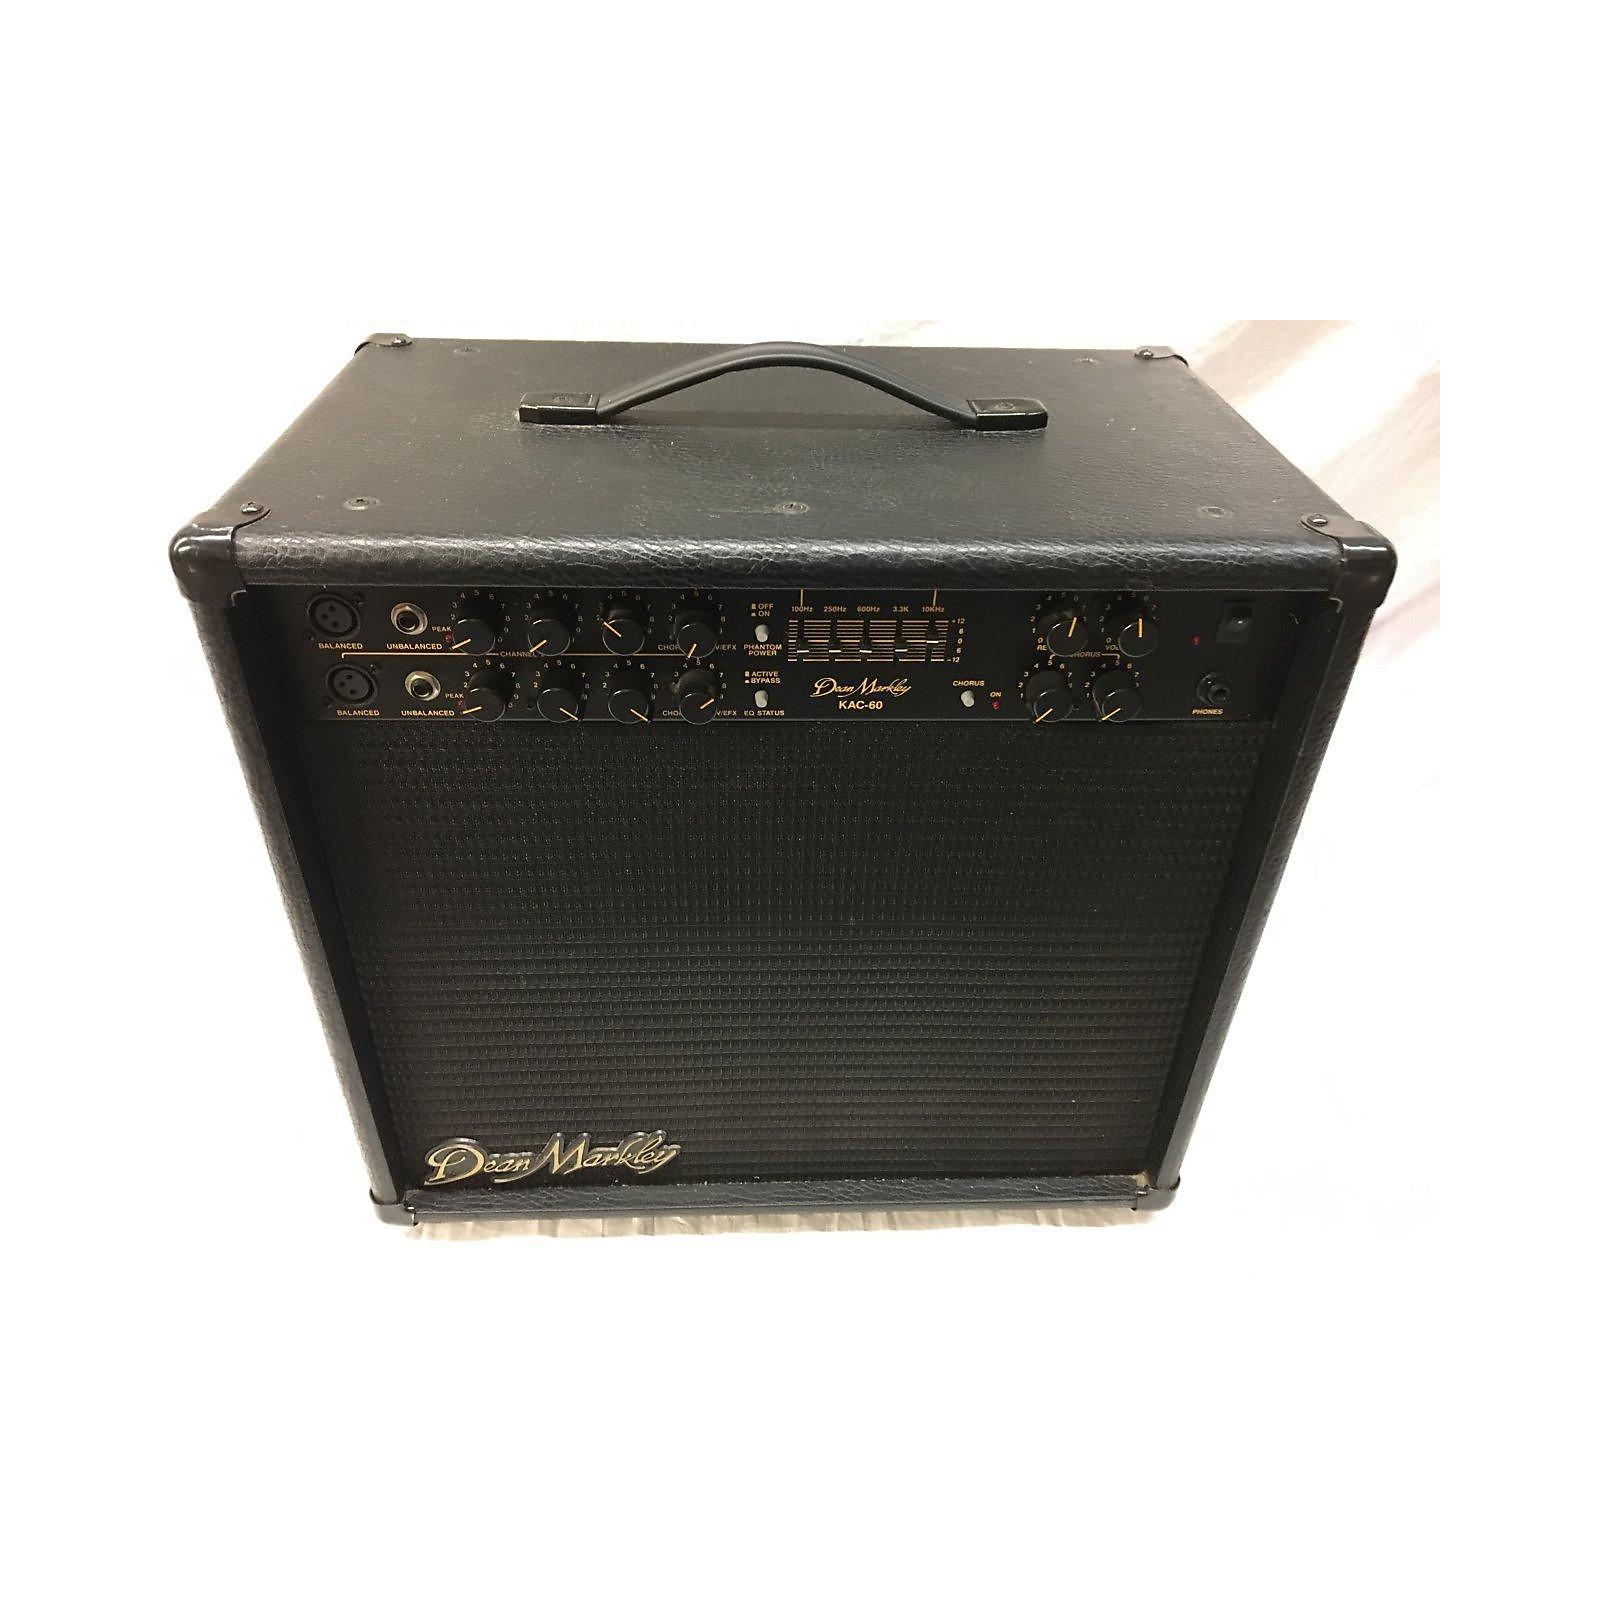 Dean Markley KAC-60 Keyboard Amp